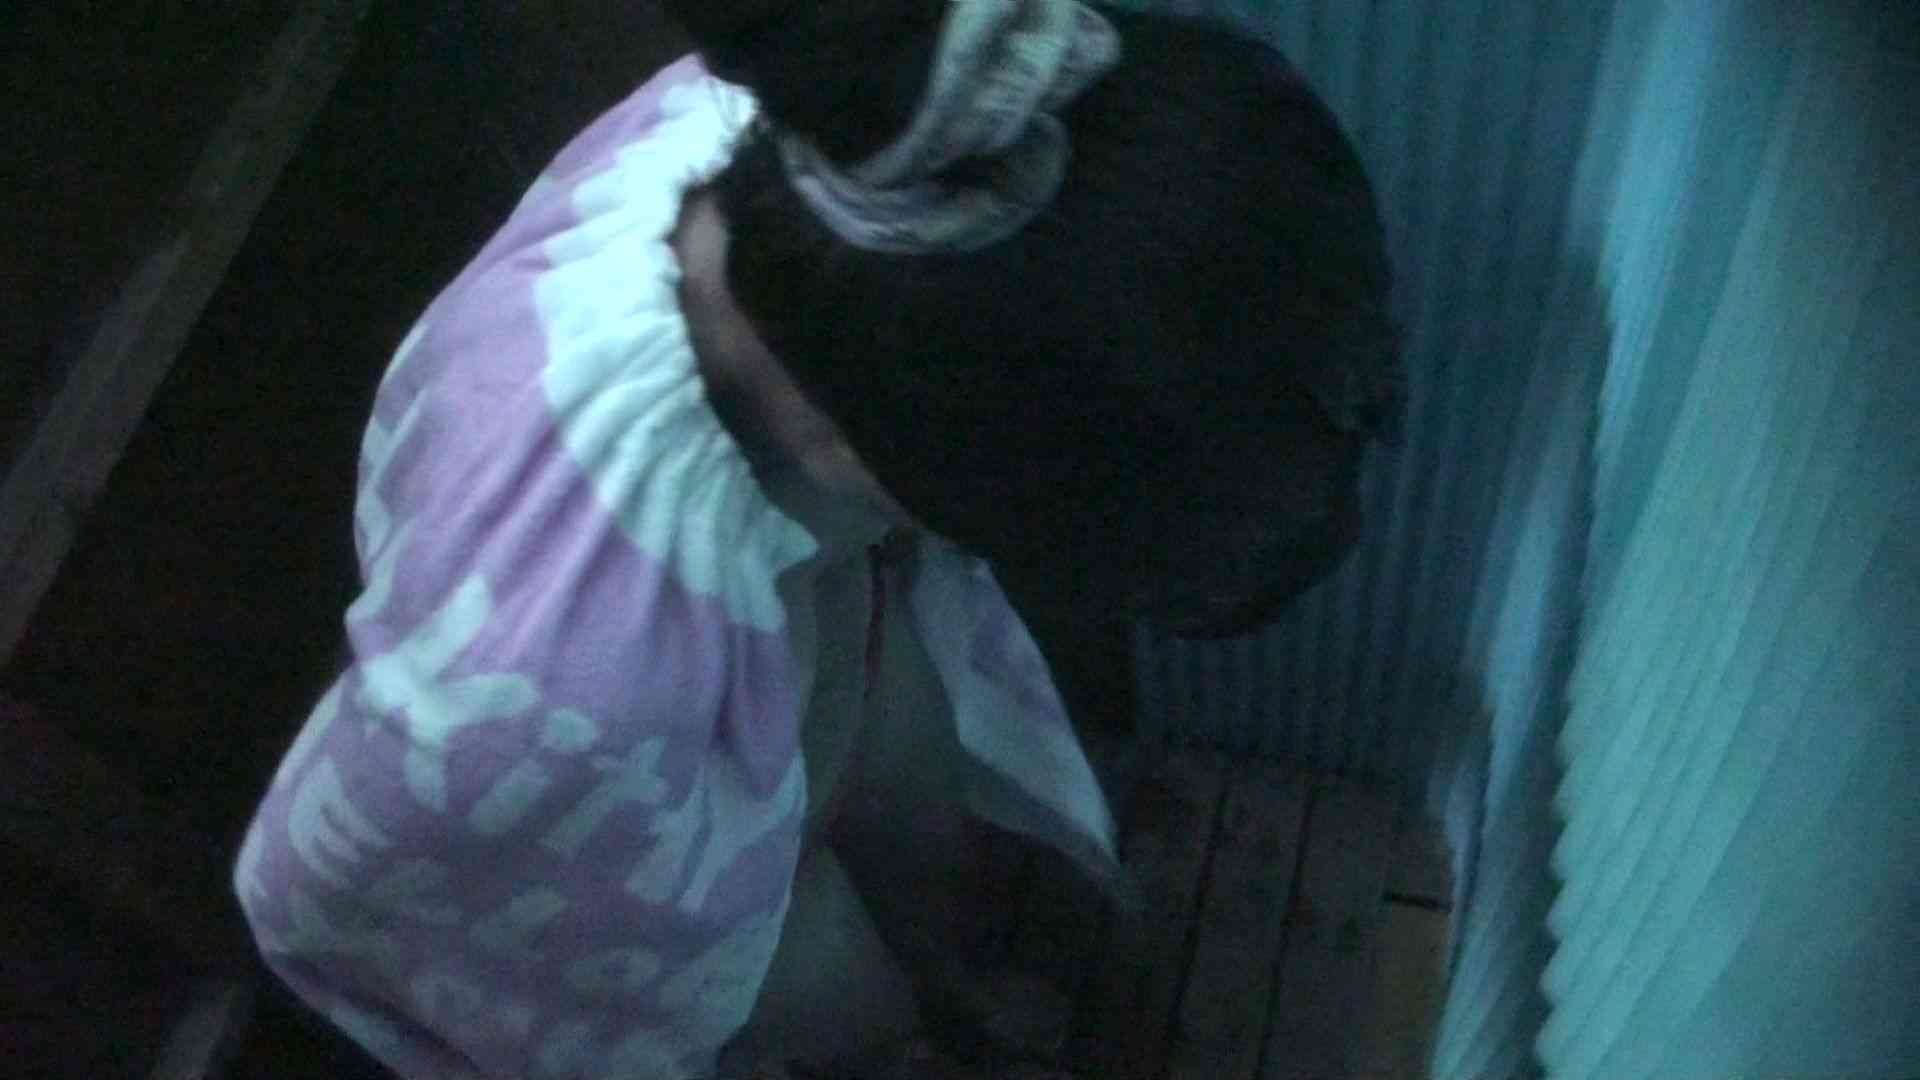 シャワールームは超!!危険な香りVol.26 大学生風美形ギャル 暗さが残念! S級美女ギャル セックス無修正動画無料 106画像 67